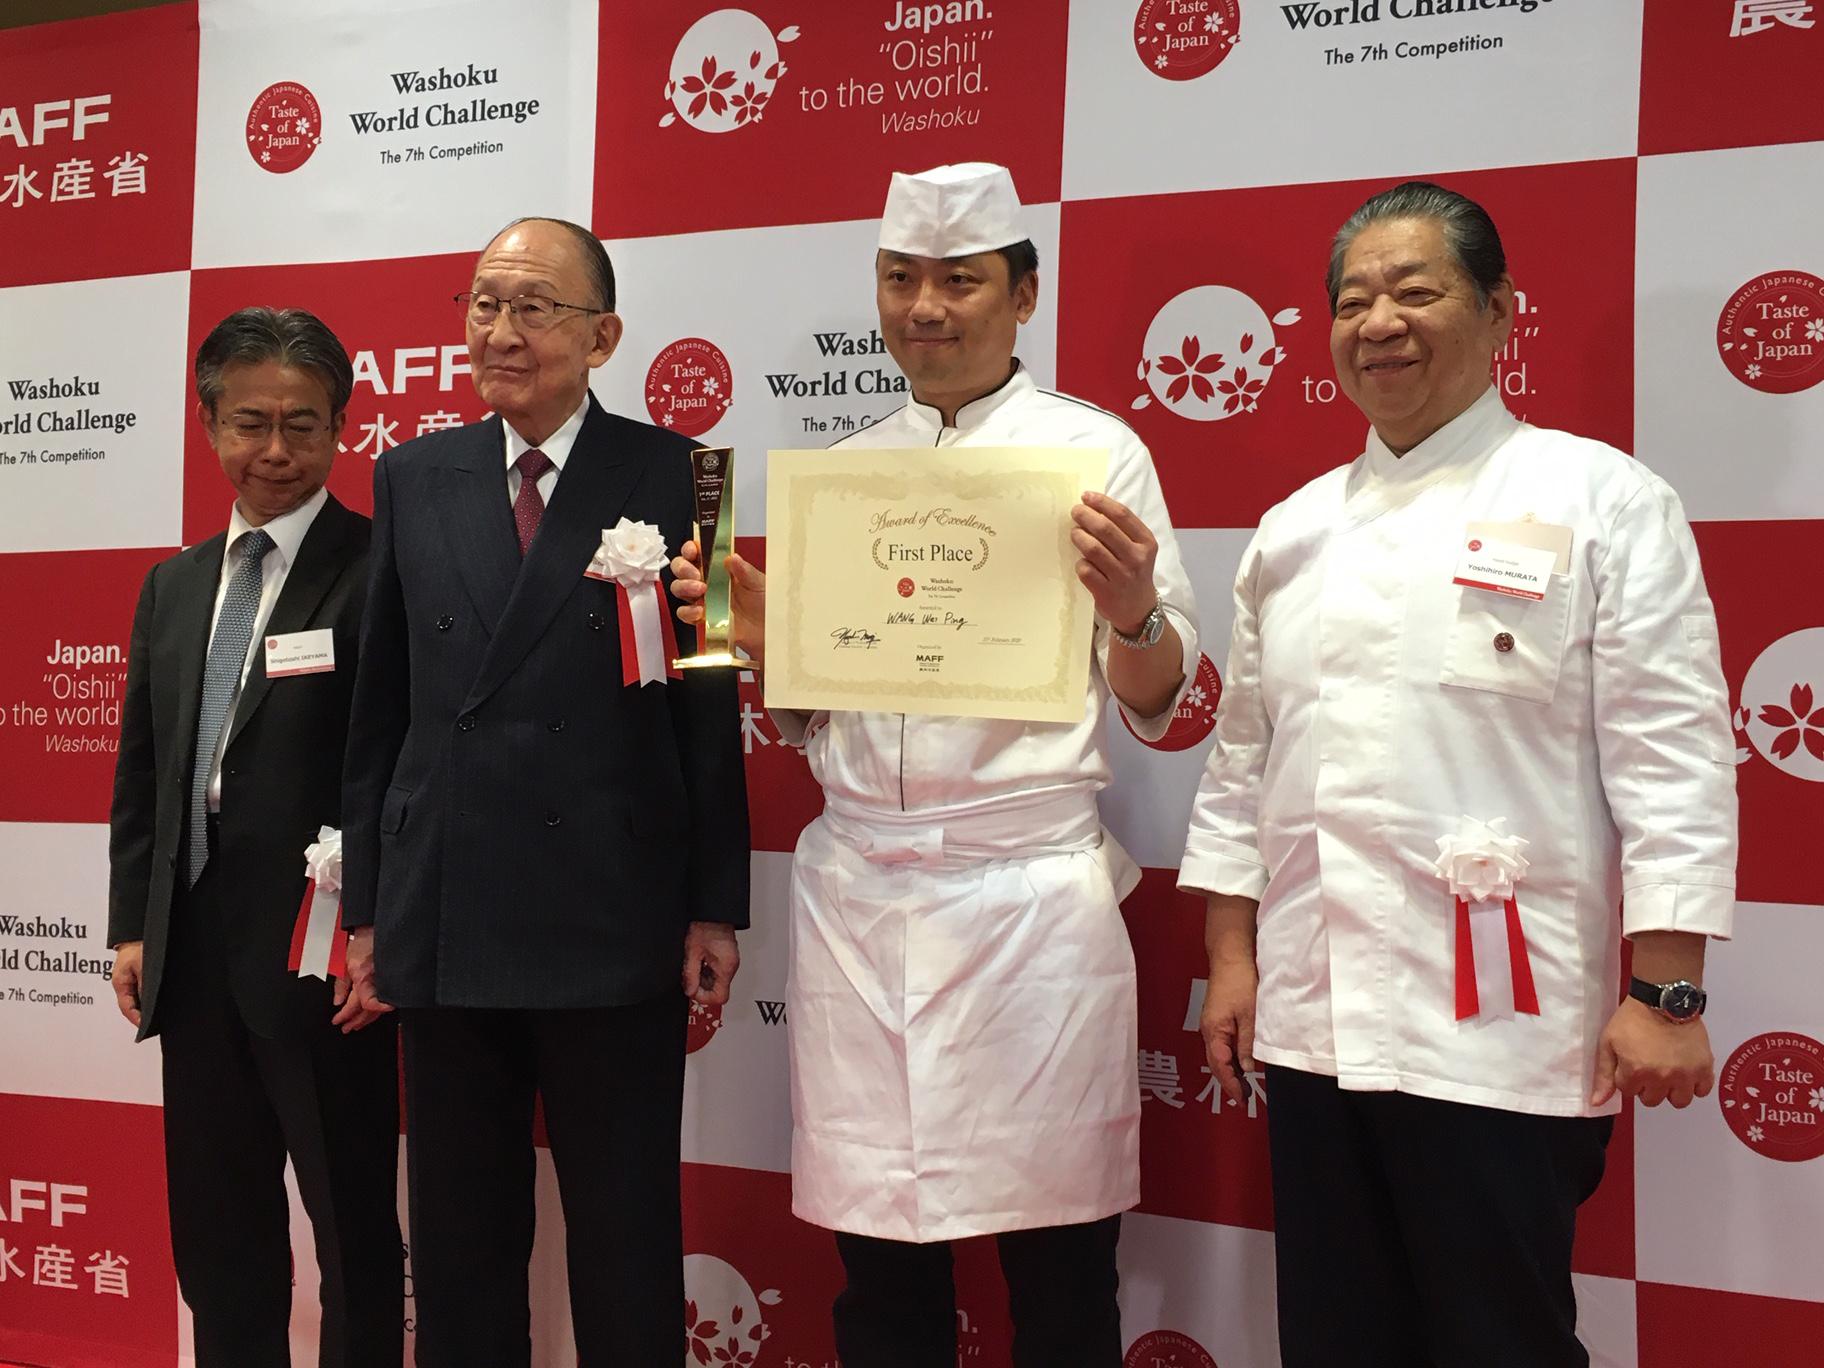 <イベントレポート>世界6都市で予選を勝ち抜いた料理人が 築野食品工業のこめ油を使用した日本料理を披露